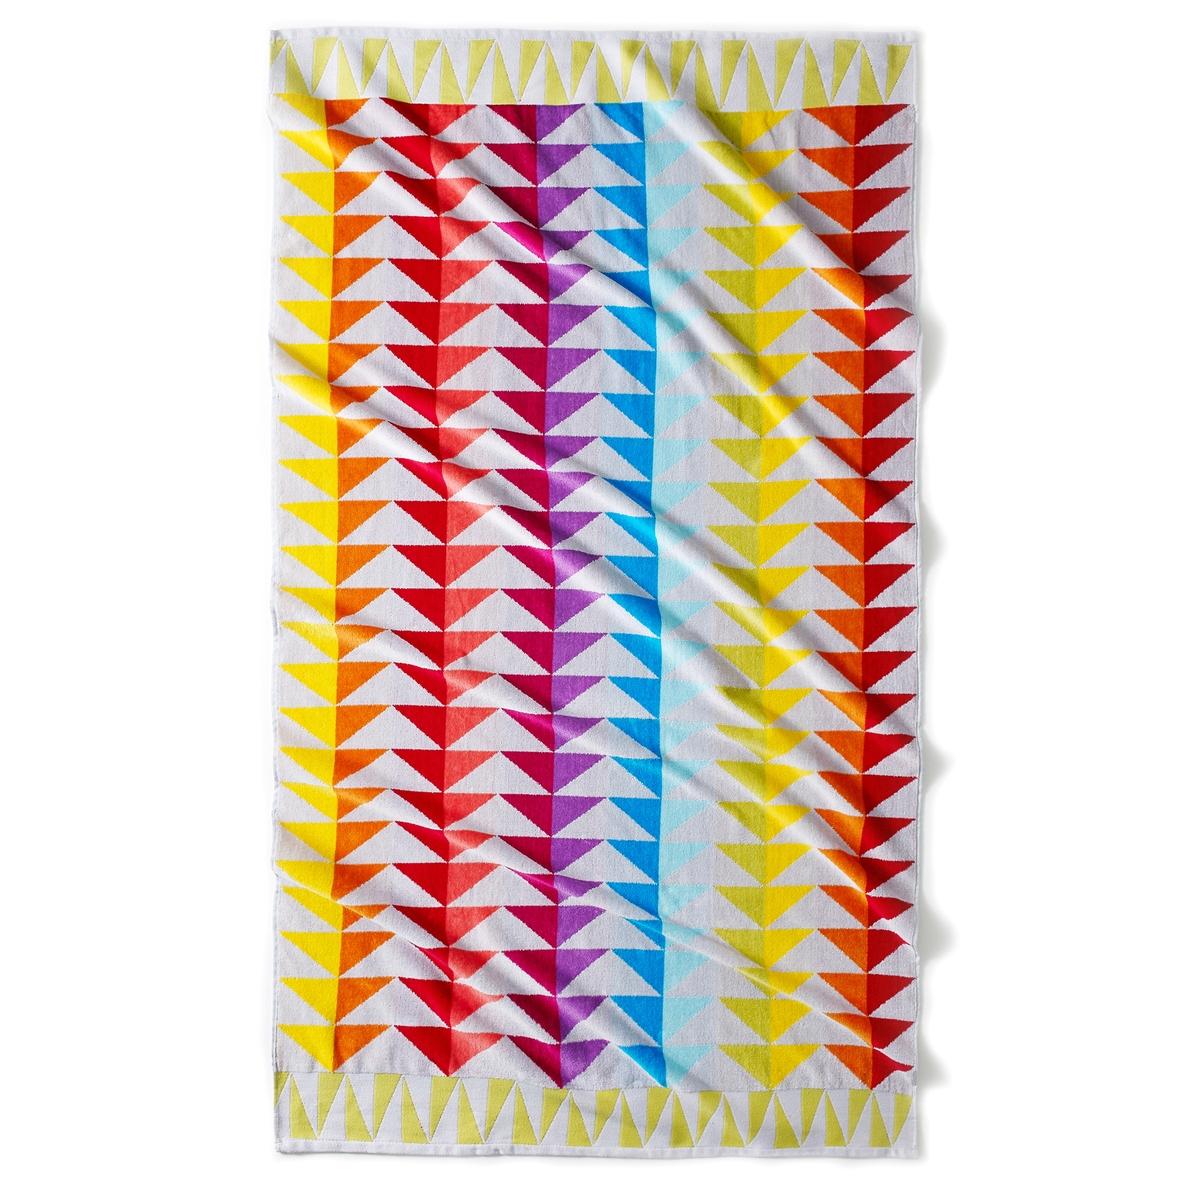 Полотенце пляжное Block, 420 г/м² полотенца кухонные la pastel полотенце gabel 50х70 вишня